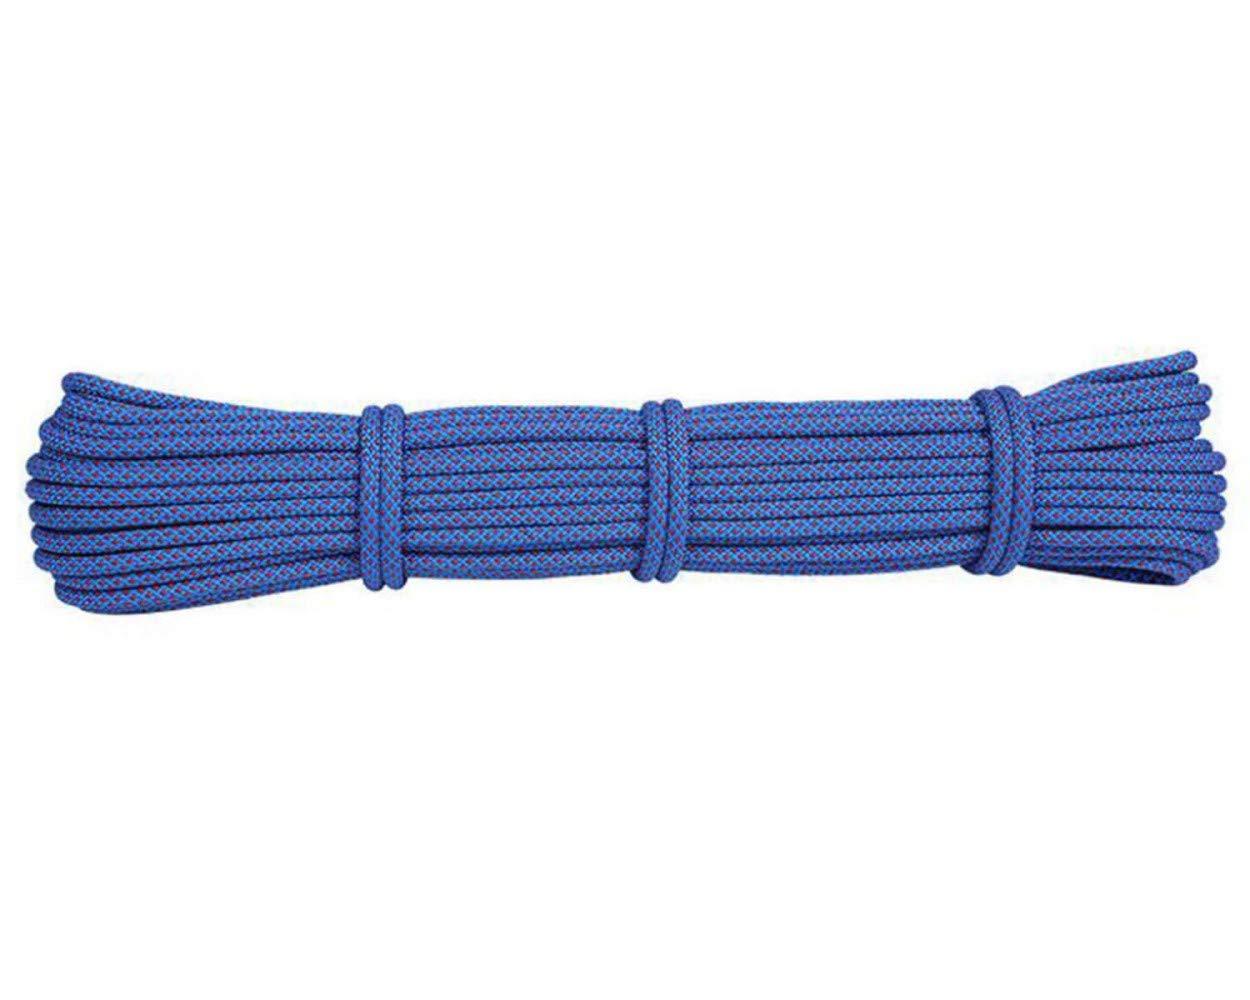 Bleu ZAIYI-Climbing rope Alpinisme Auxiliaire Camping en Plein Air Articles Groupés Randonnée Famille Corde De Rechange Résistant à l'usure 6mm,jaune-50m6mm 20m6mm